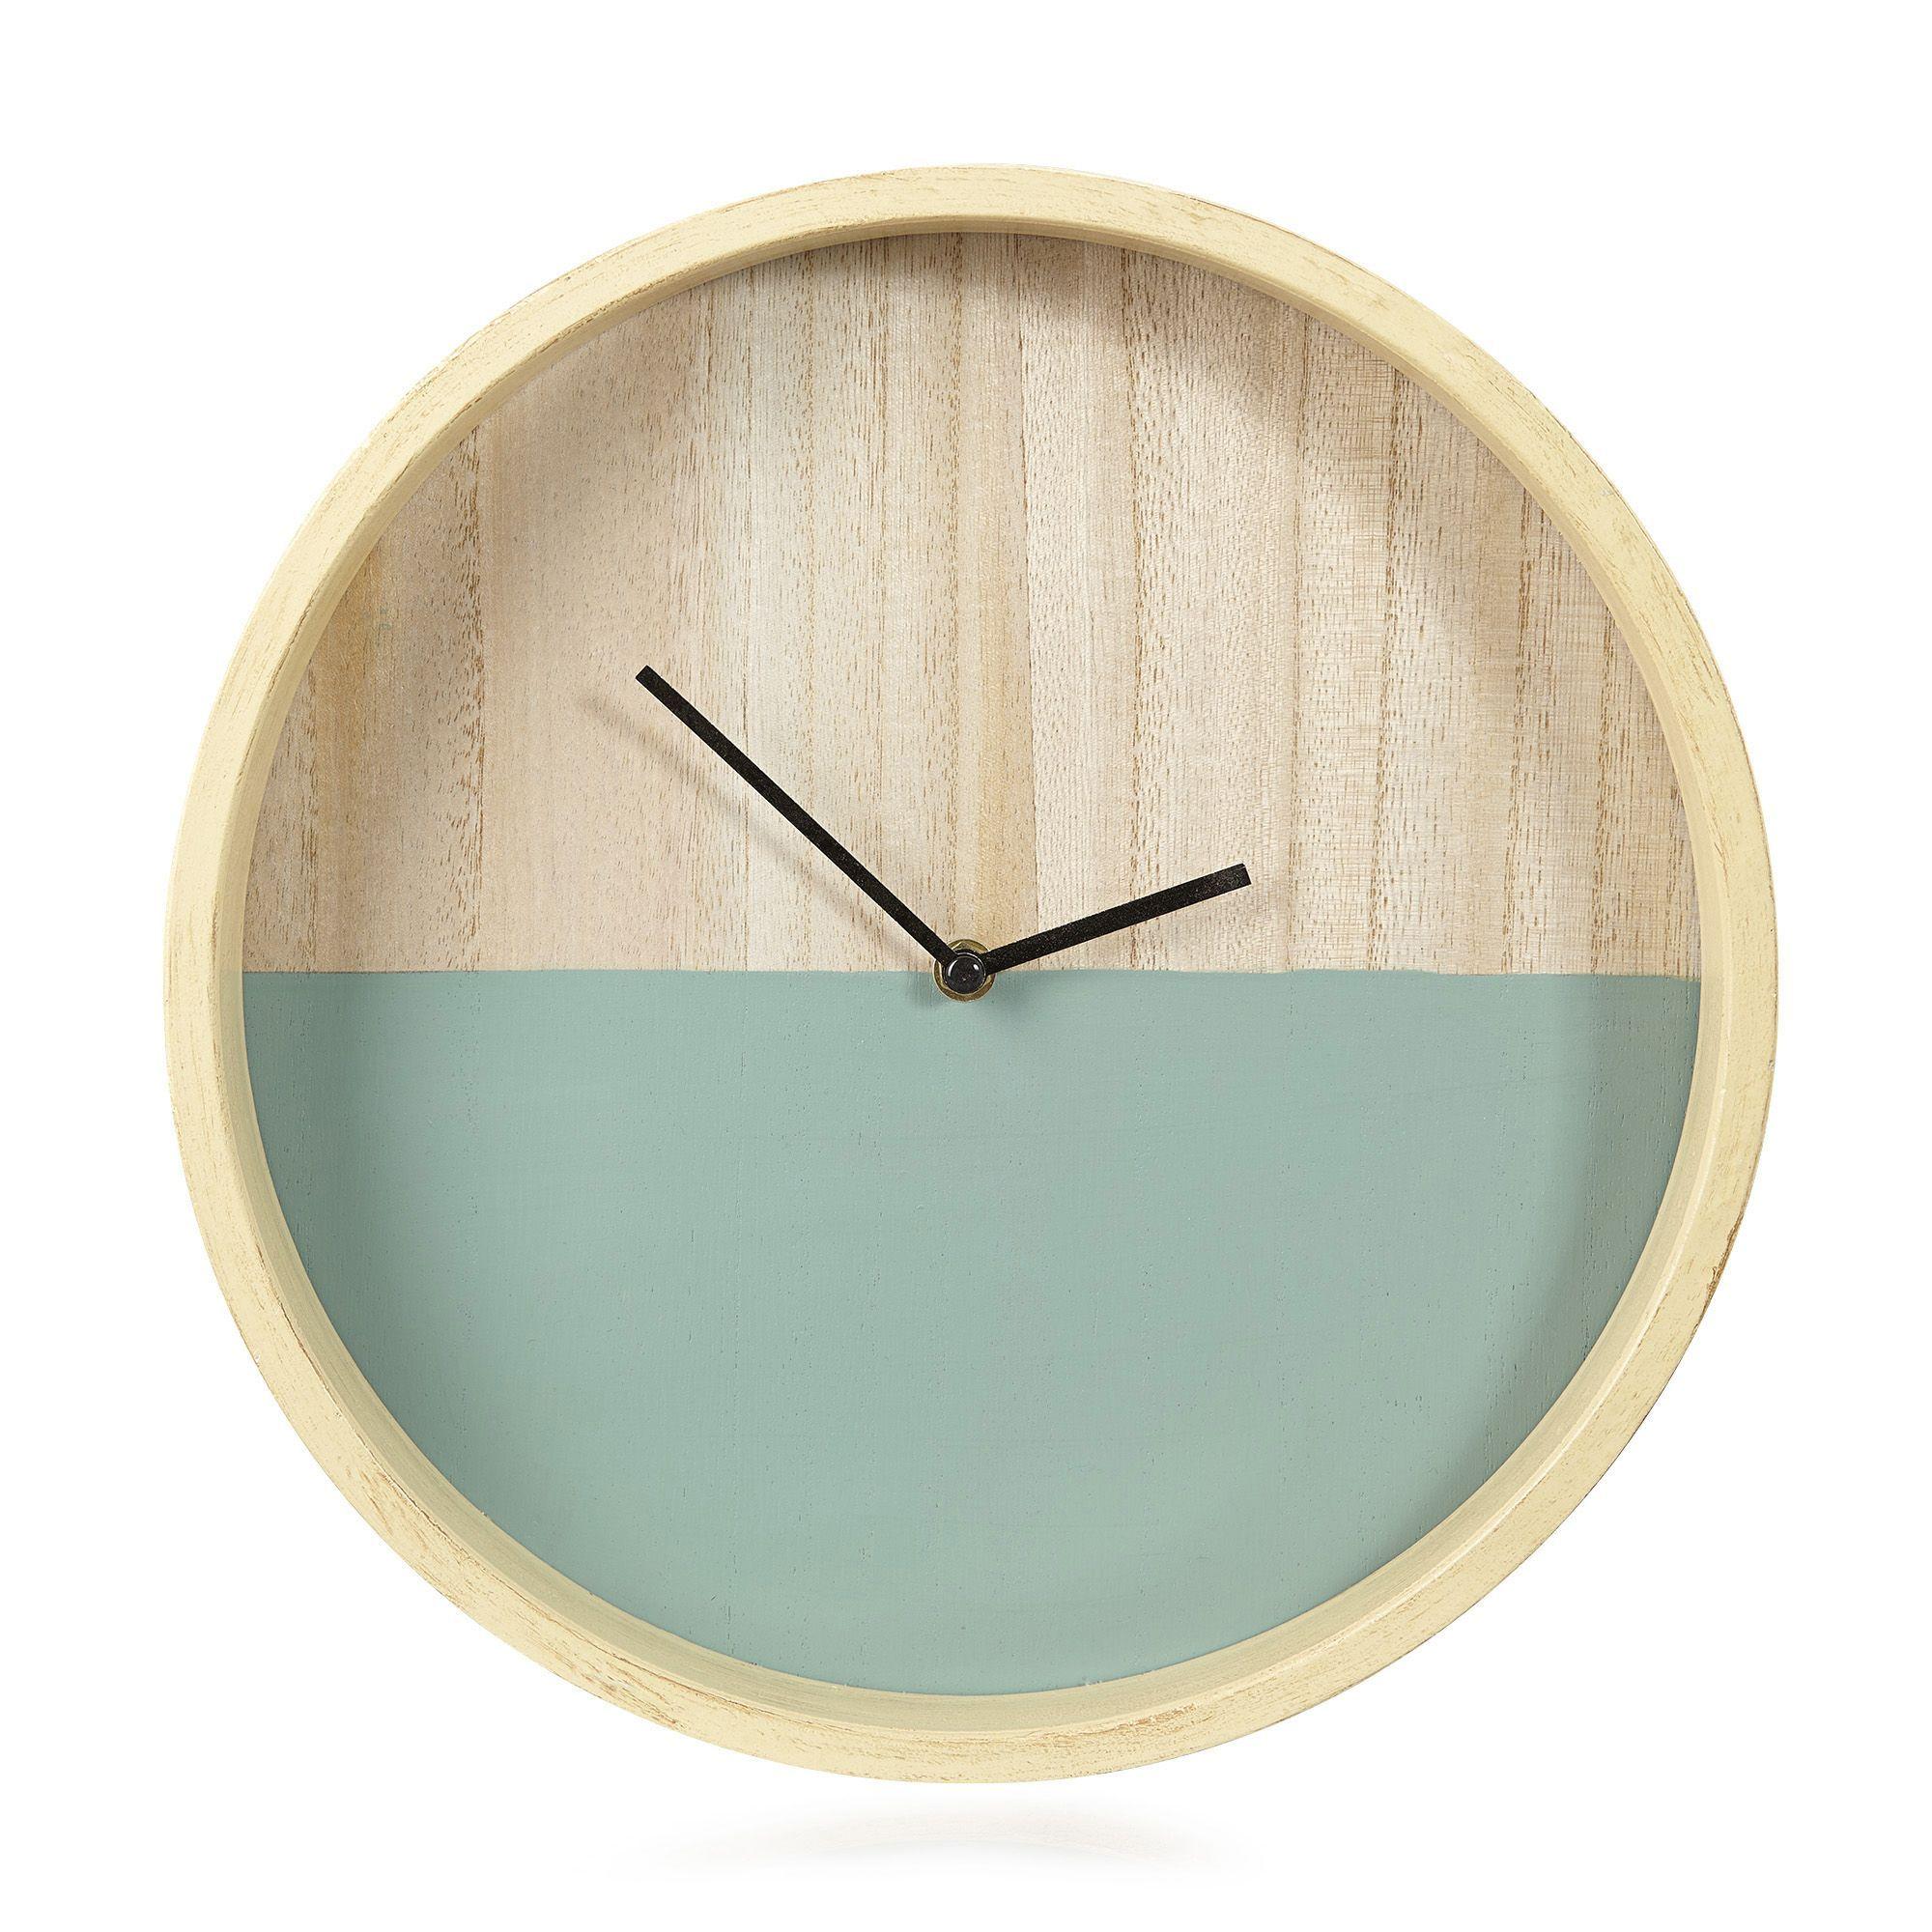 horloge verte d34cm julia horloges horloges r veils. Black Bedroom Furniture Sets. Home Design Ideas